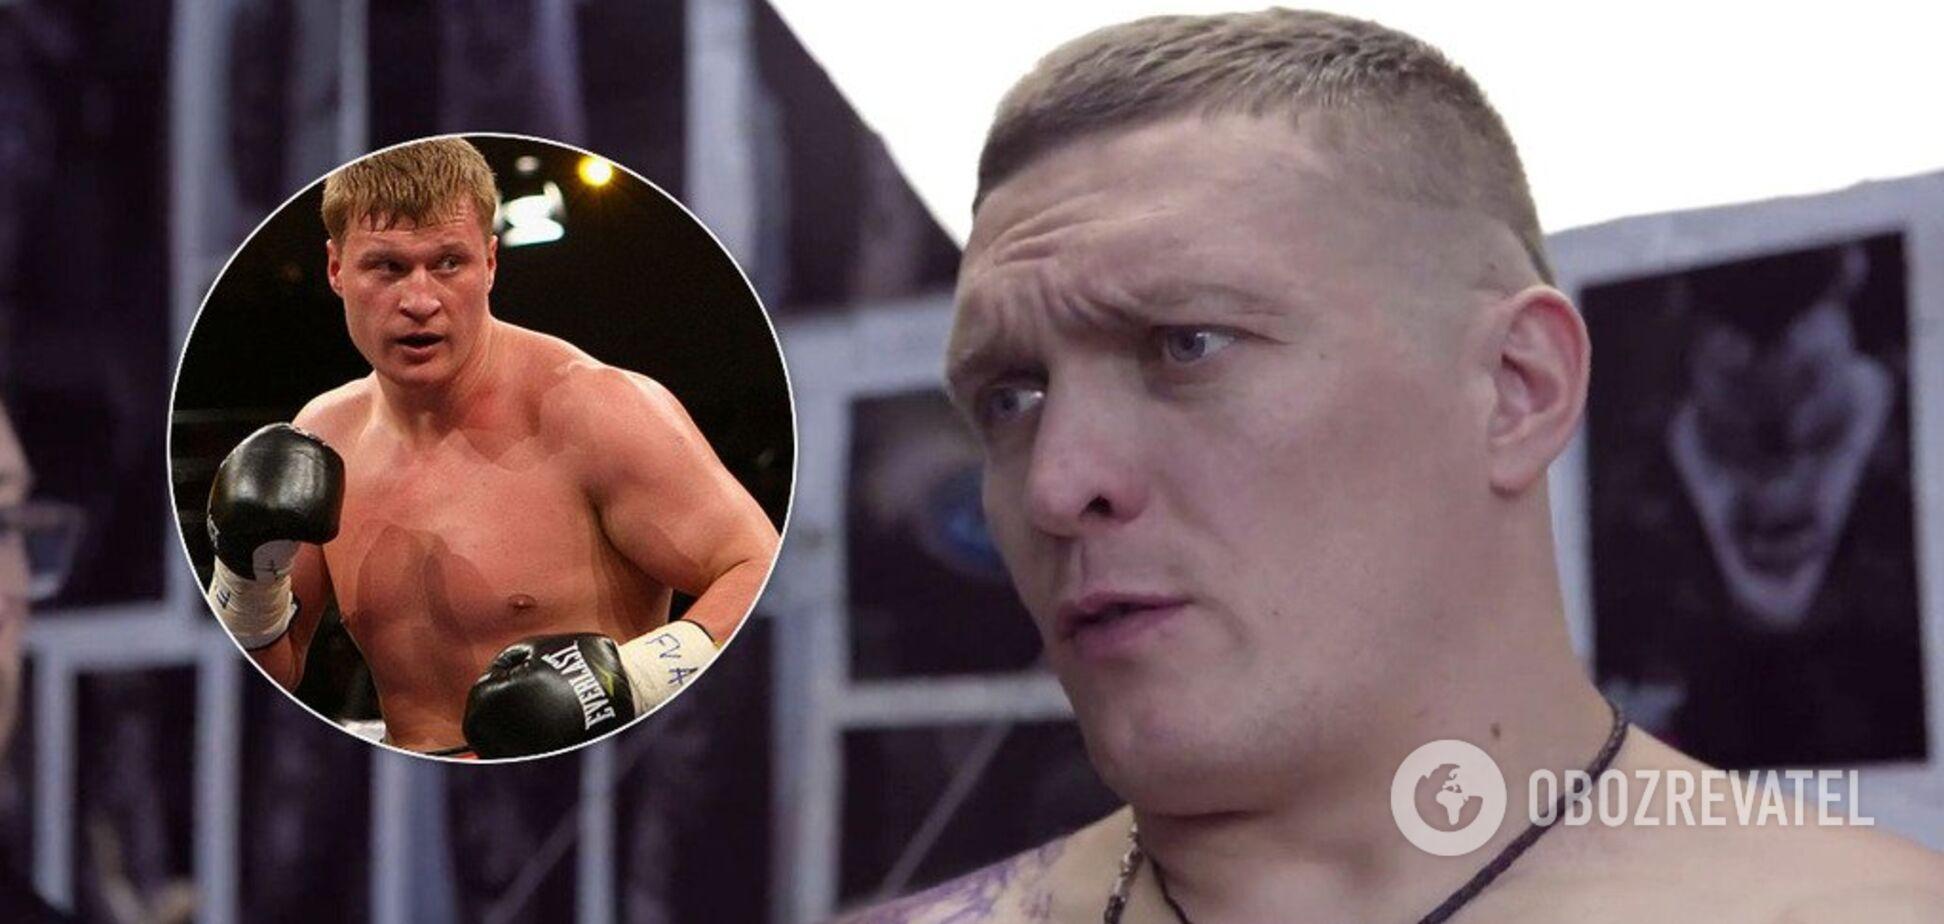 'Не хочу боксировать': Усик сделал заявление из-за 'политической грязи'